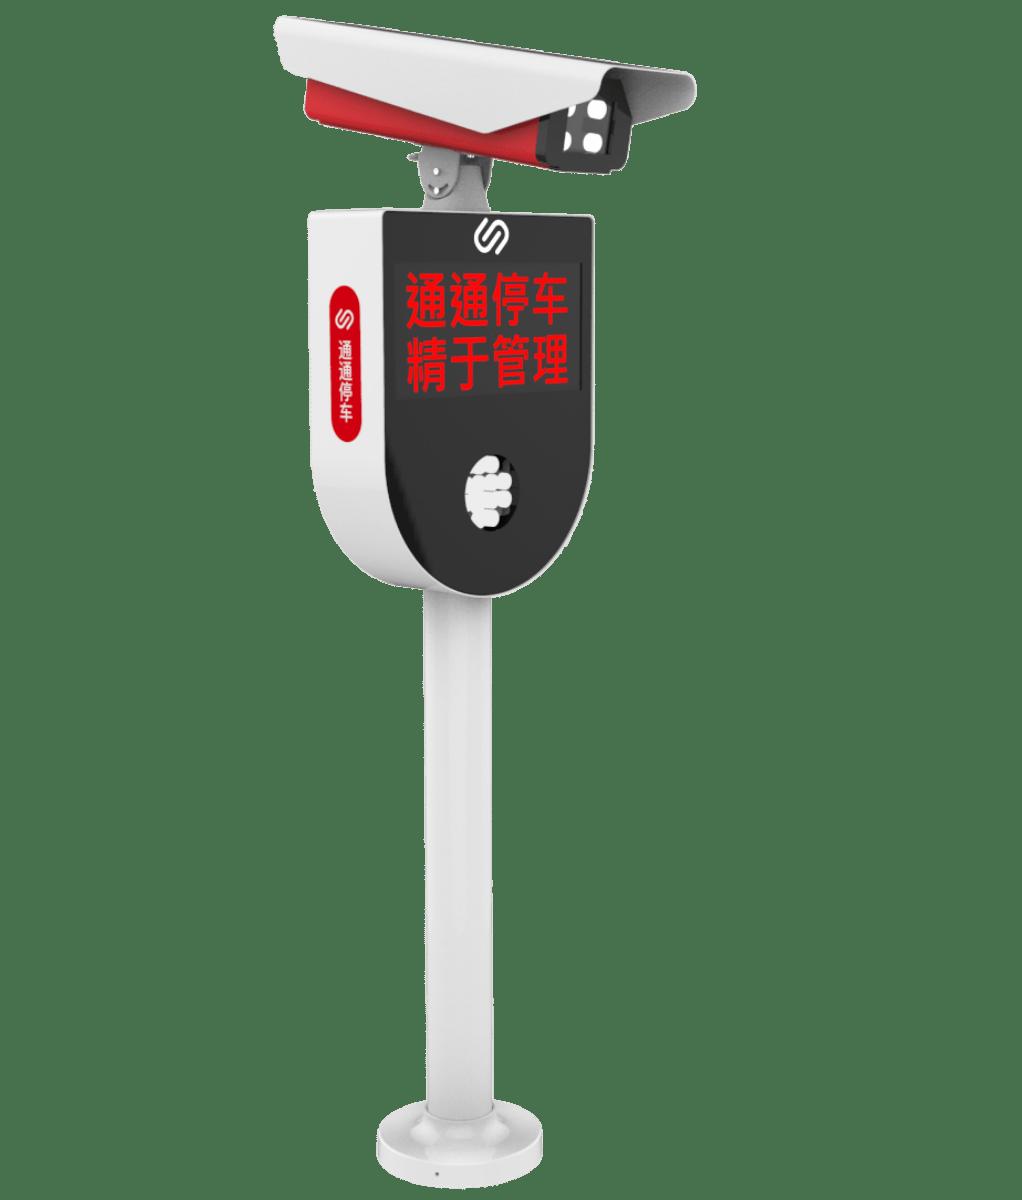 汉王车牌识别系统